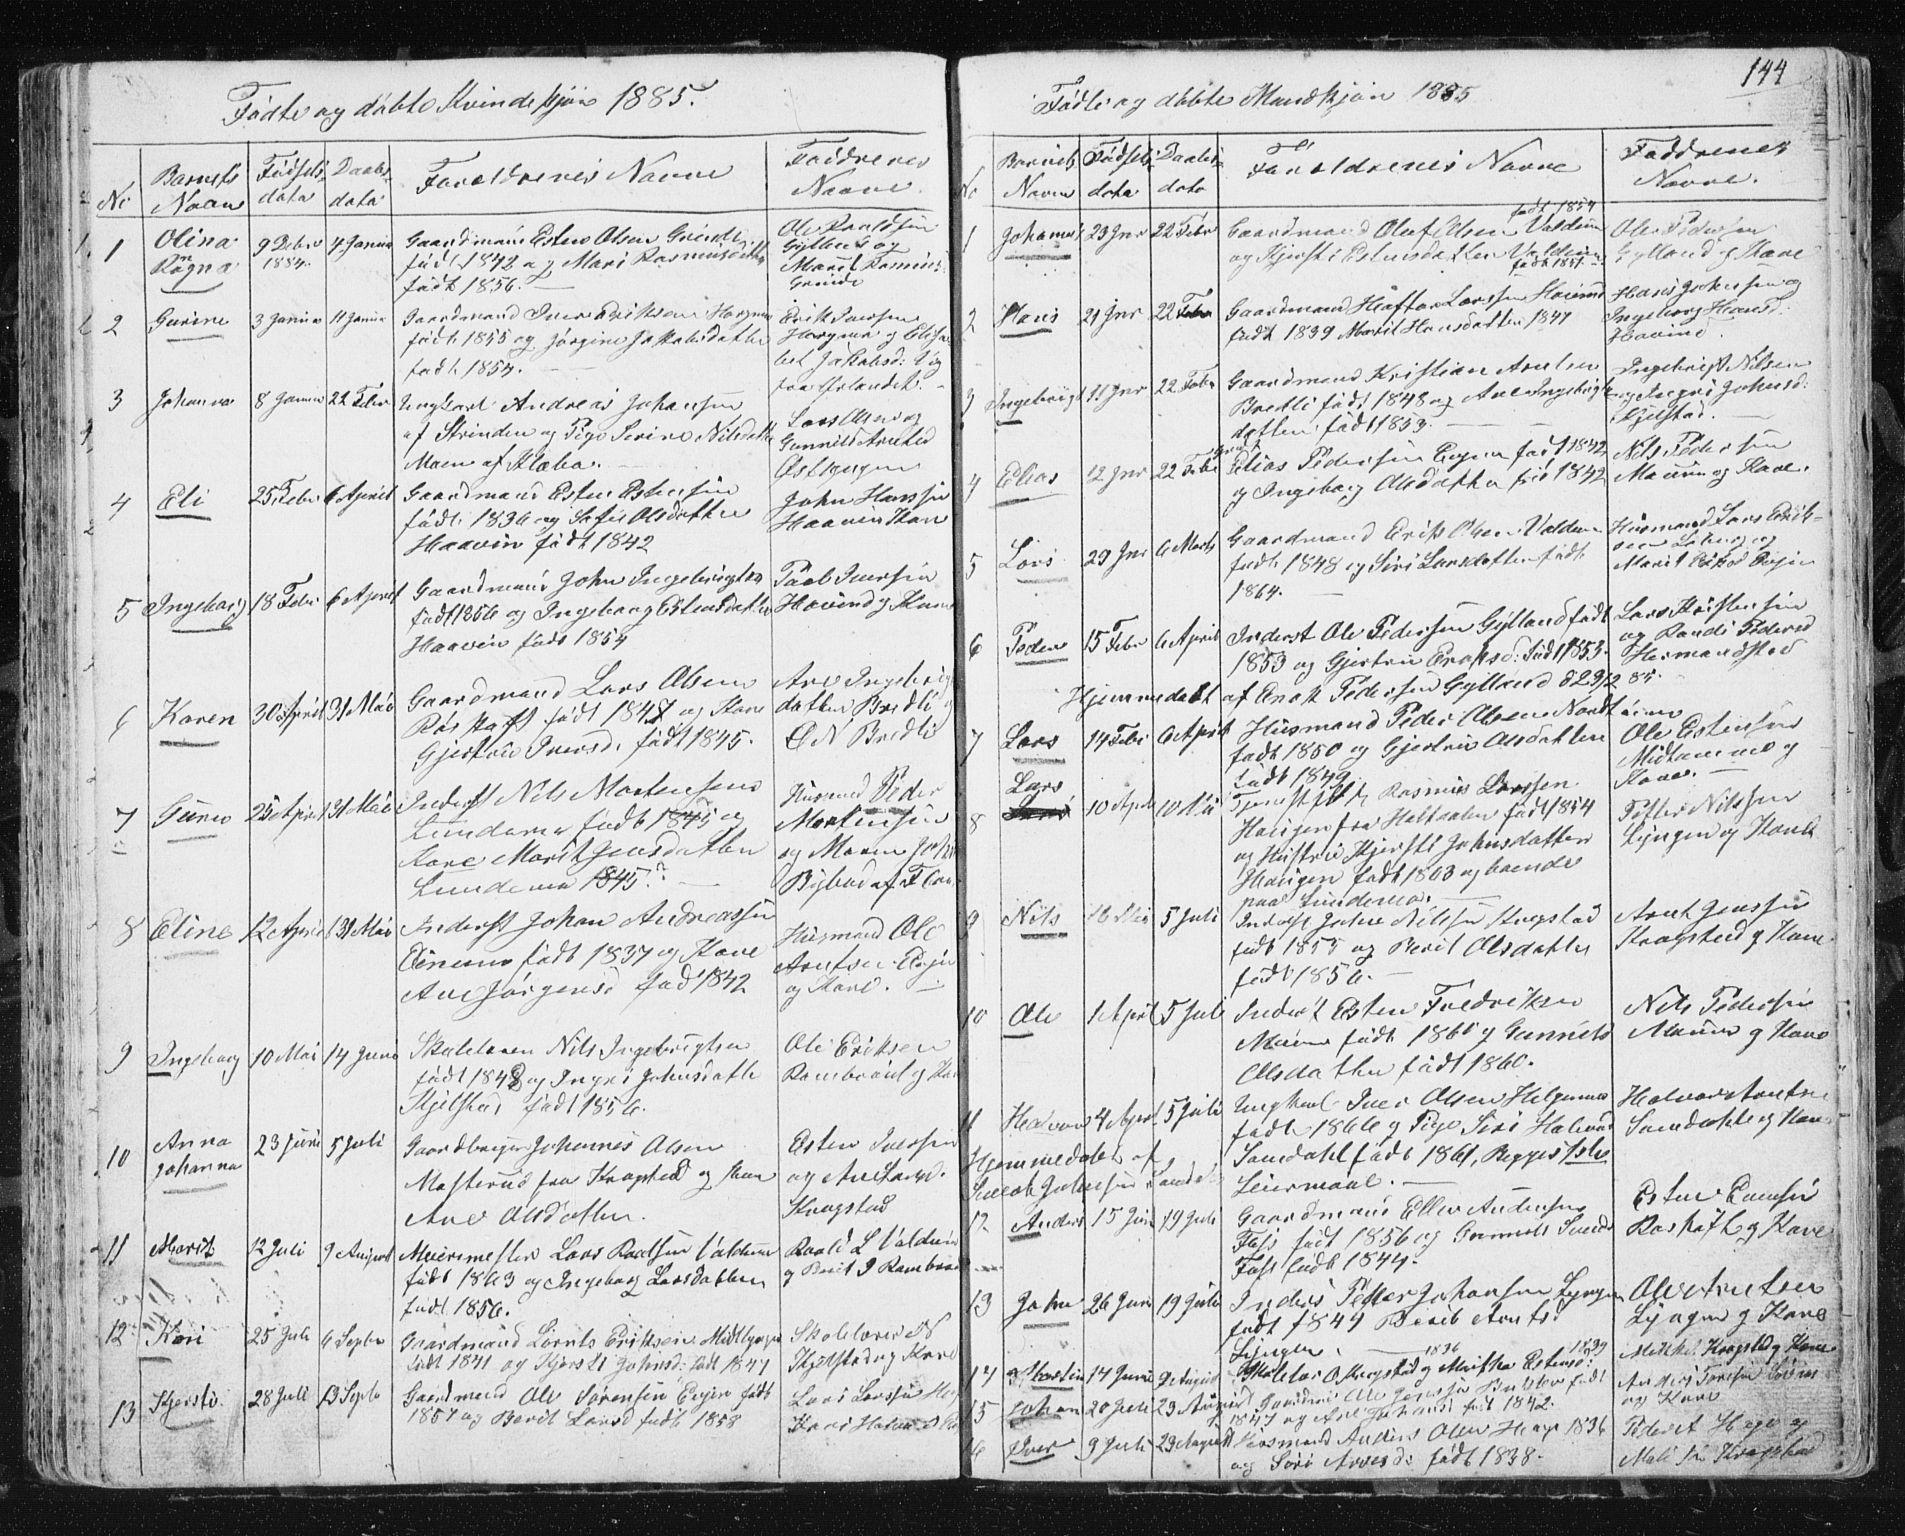 SAT, Ministerialprotokoller, klokkerbøker og fødselsregistre - Sør-Trøndelag, 692/L1110: Klokkerbok nr. 692C05, 1849-1889, s. 144